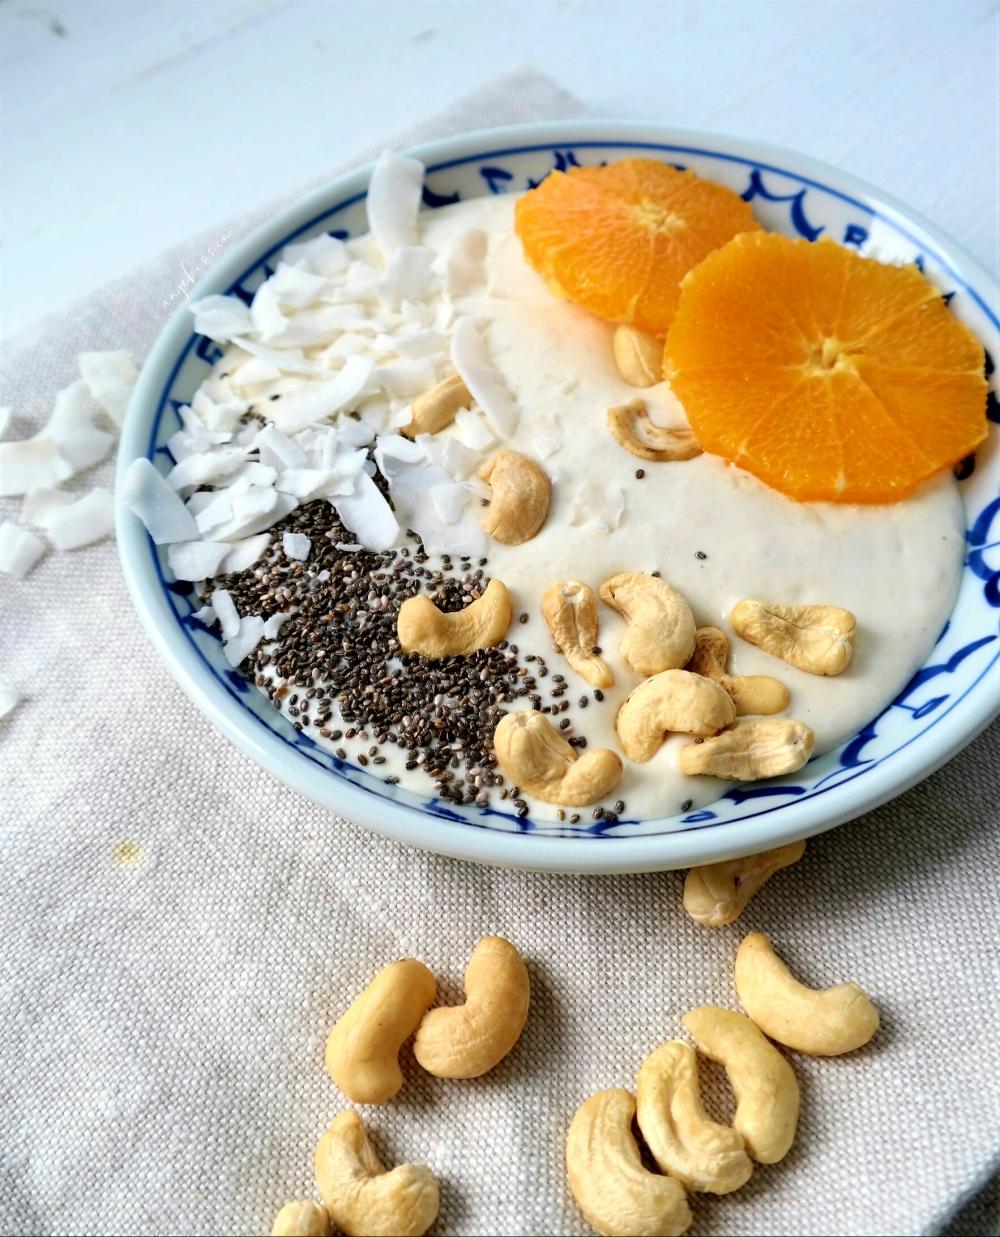 Cashew Joghurt mit Kokosnuss und Orangen